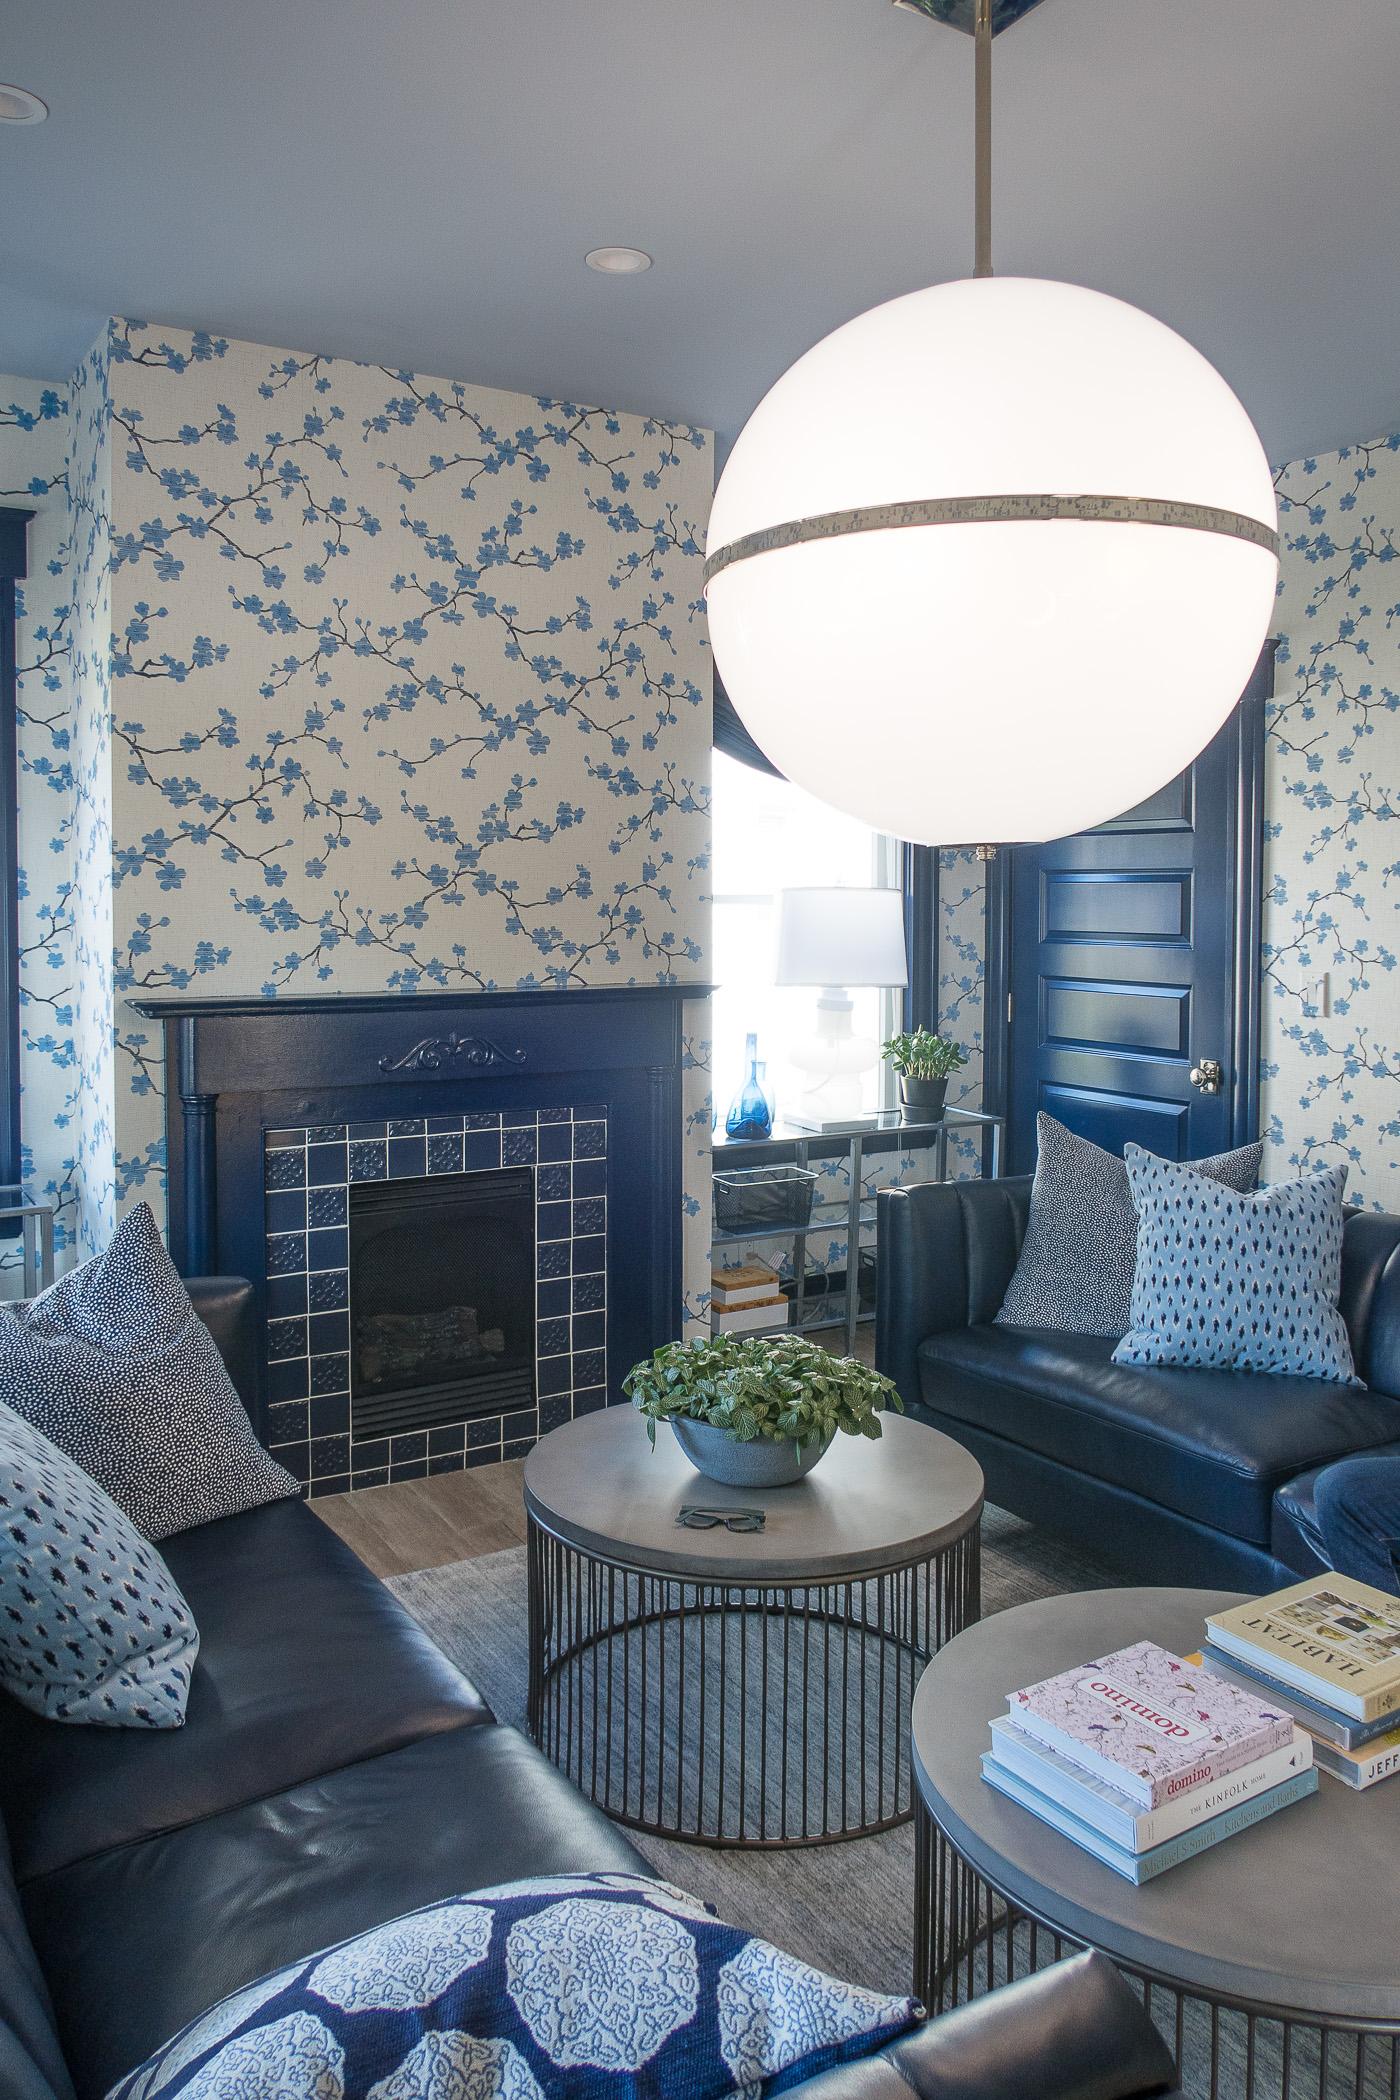 Feminine Blue and White Living Room